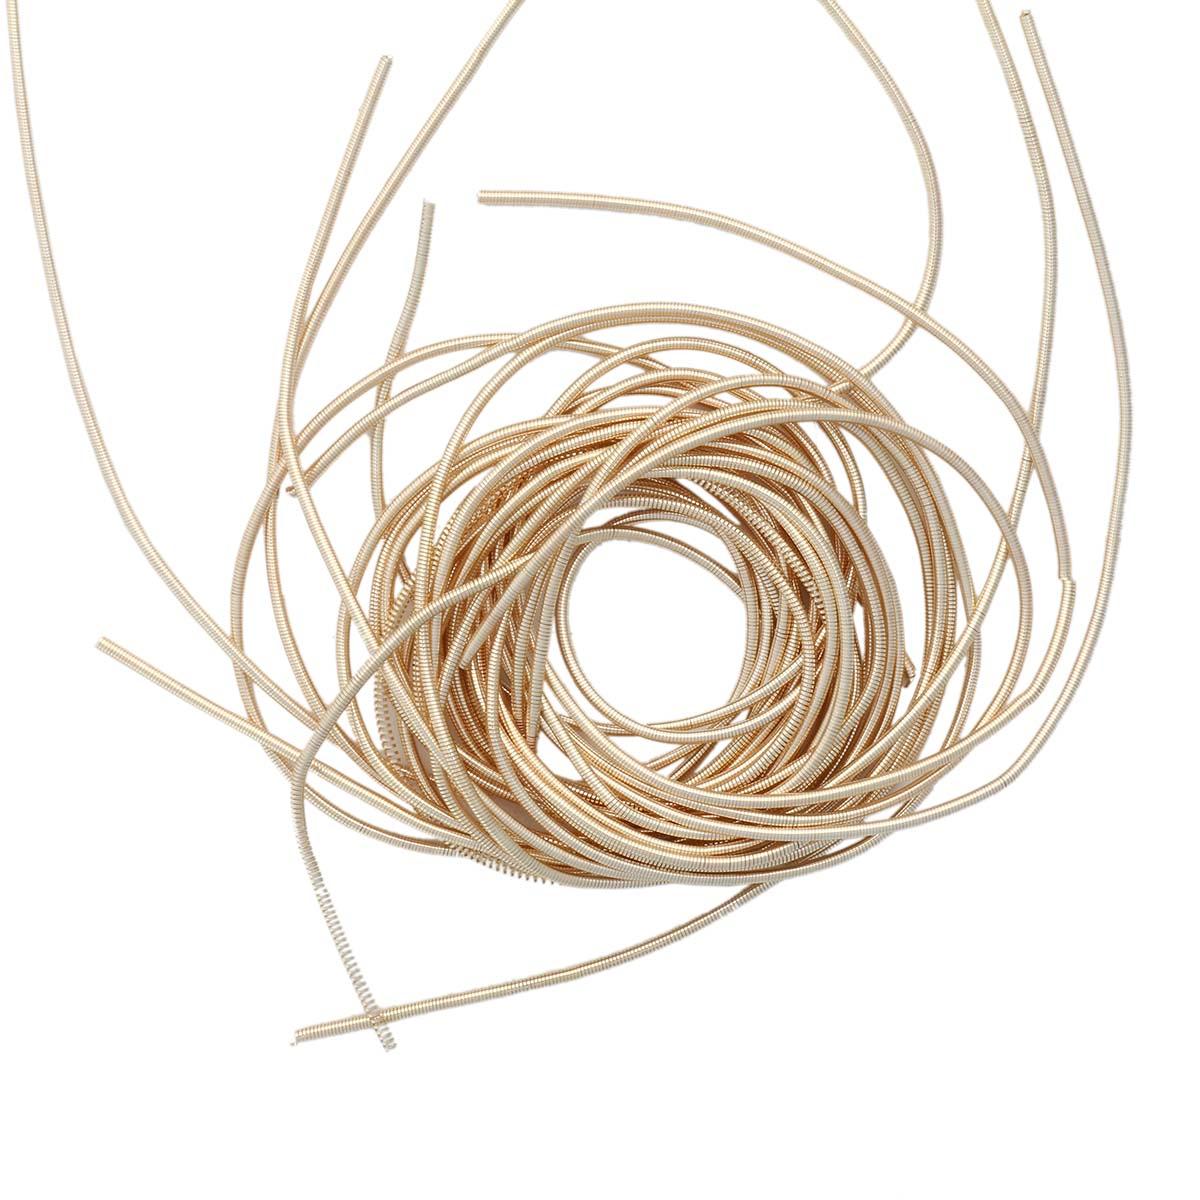 КА003НН1 Канитель гладкая Светлое золото 1 мм 5 грамм +/- 1 гр.